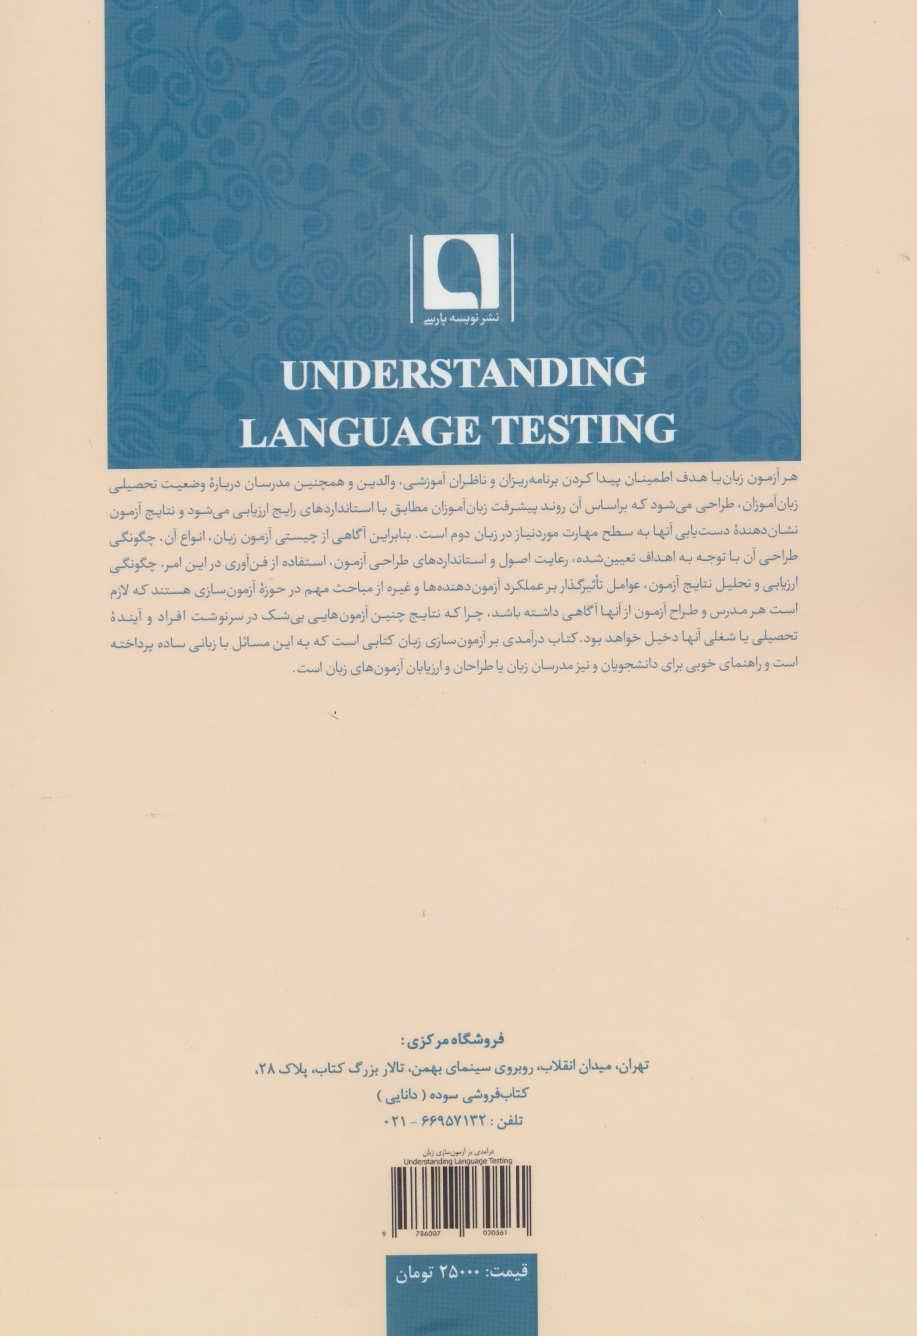 درآمدی بر آزمون سازی زبان